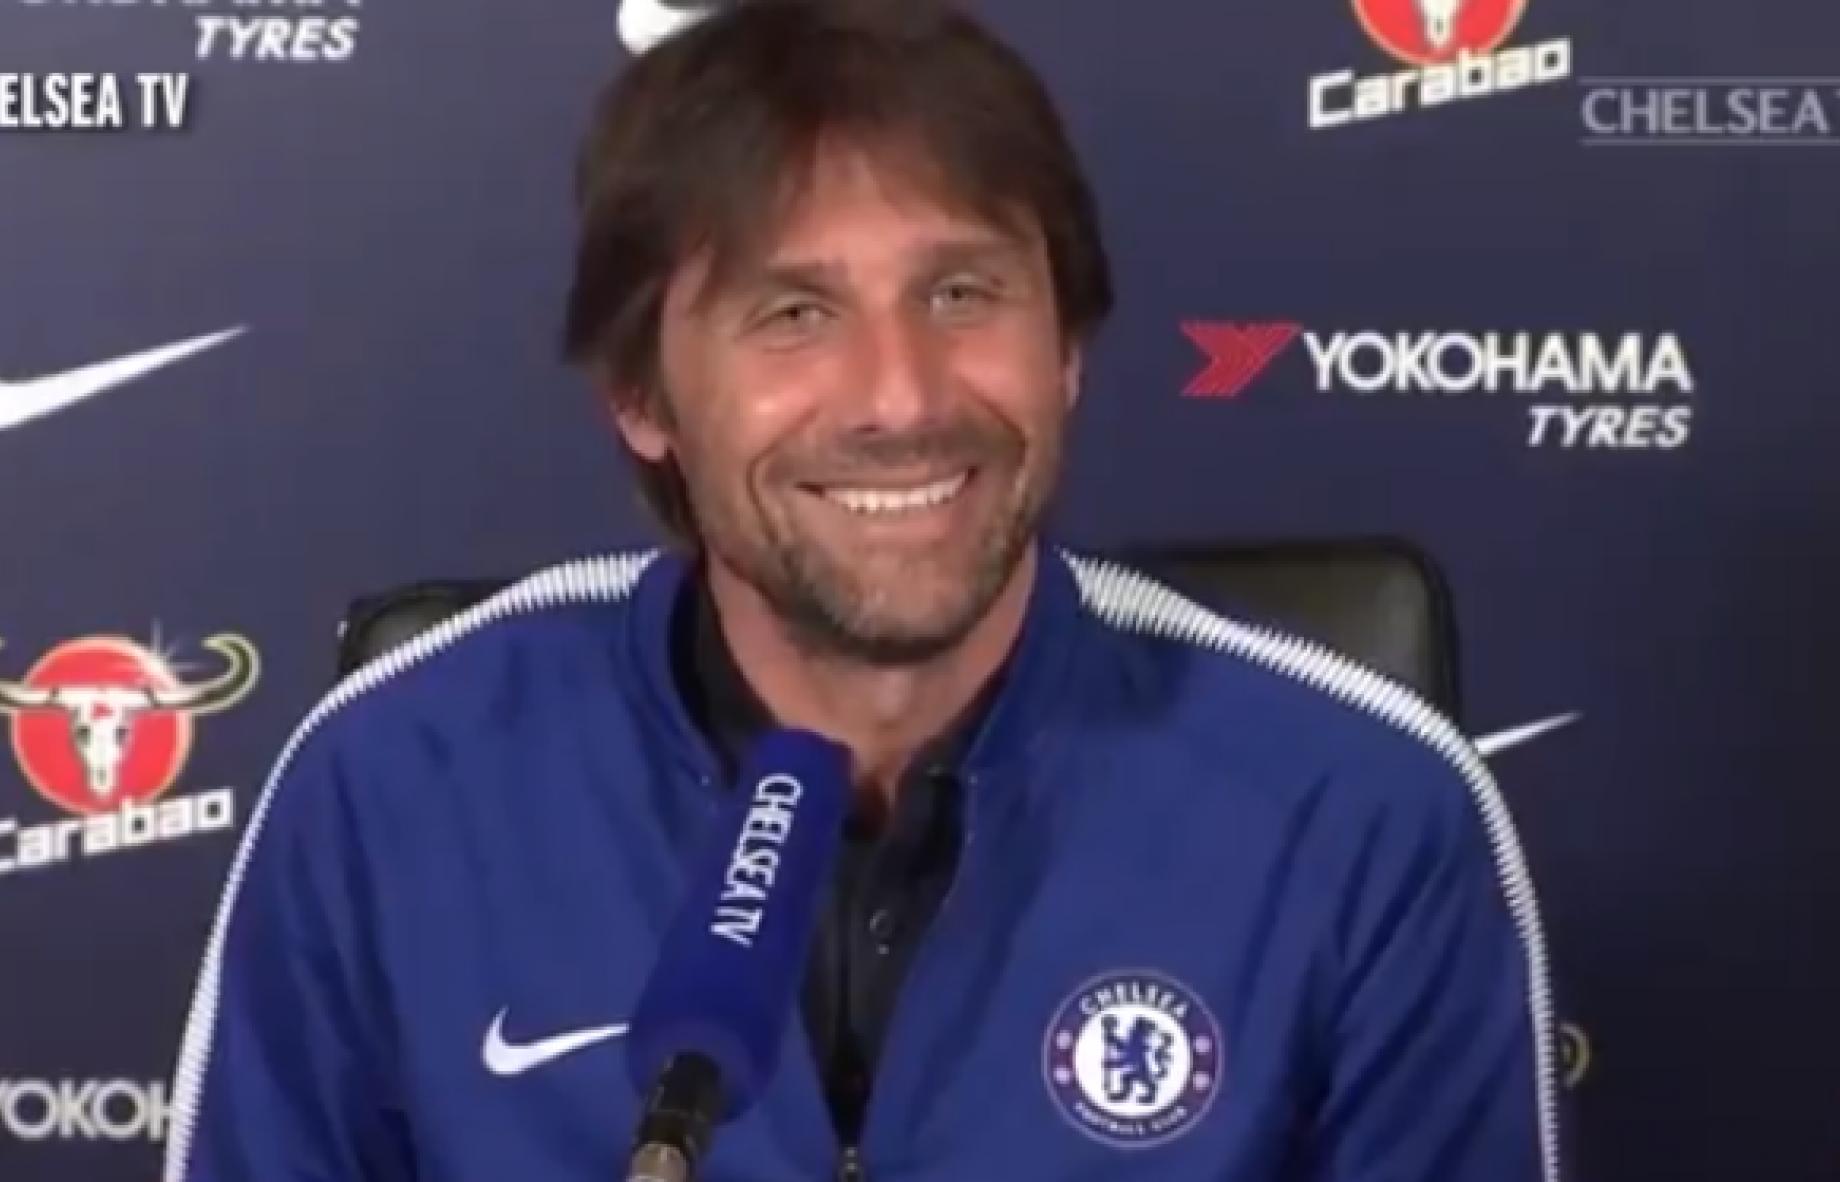 Finale FA Cup, la finale Chelsea-Manchester United in diretta su Fox Sports